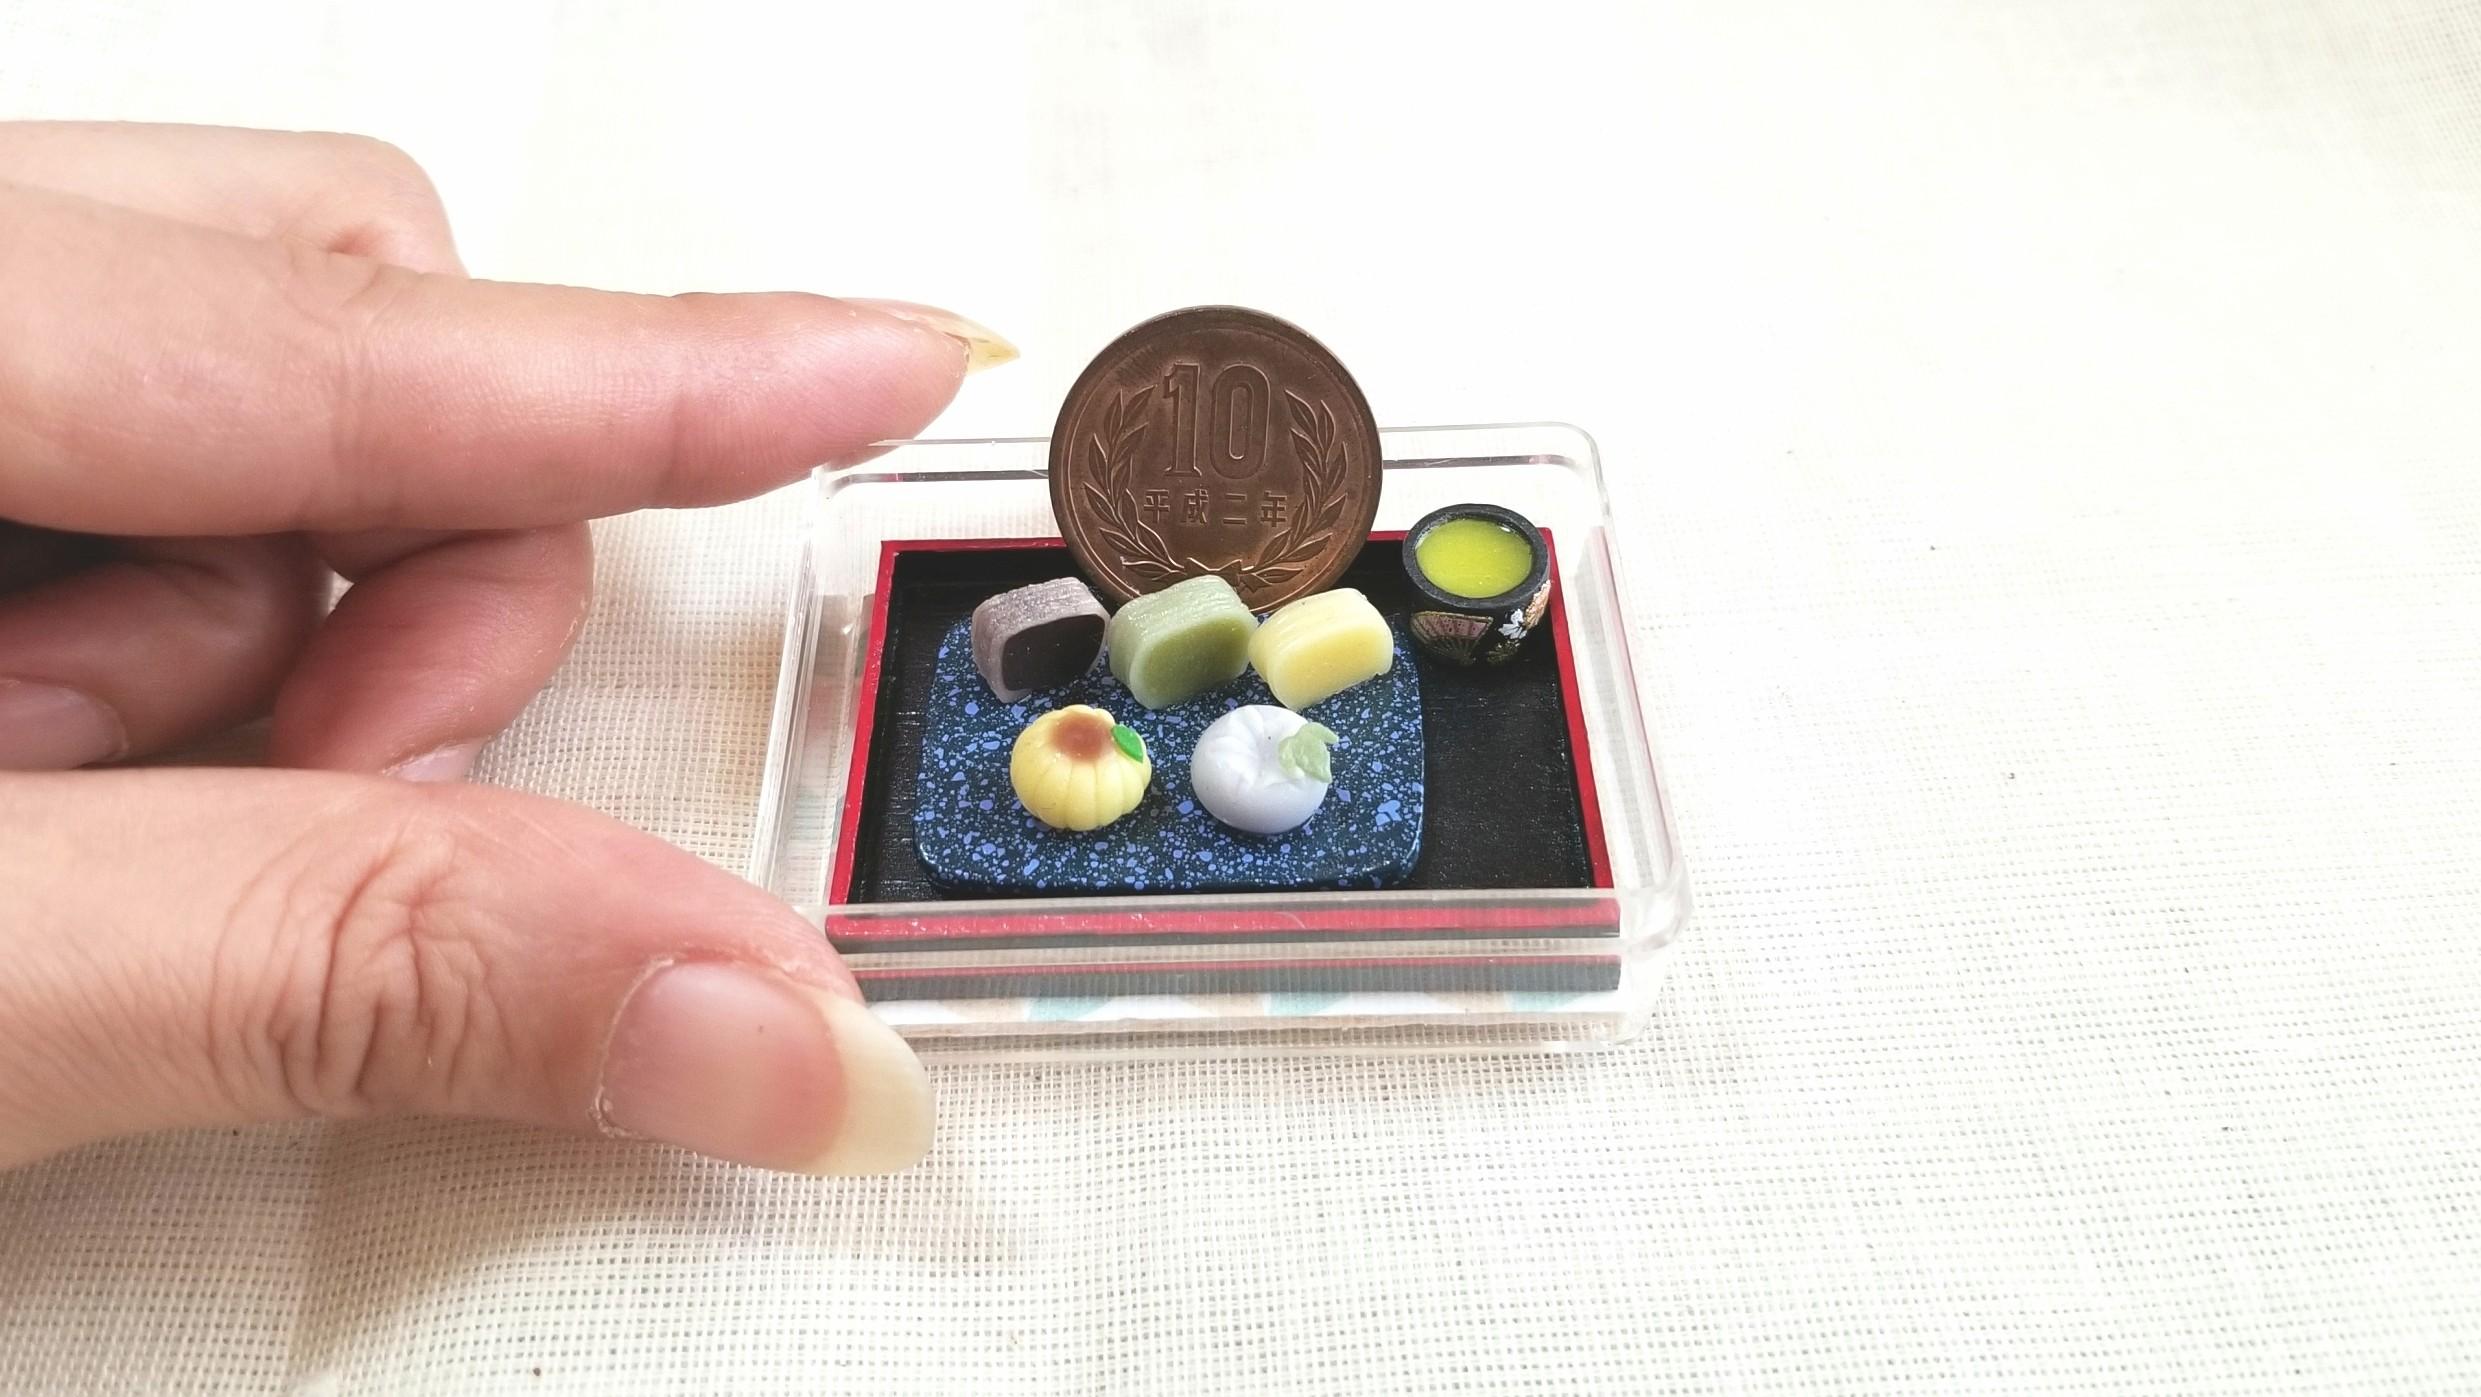 和菓子,三色ようかん,ミニチュア,樹脂粘土,食品サンプル,ドール遊び